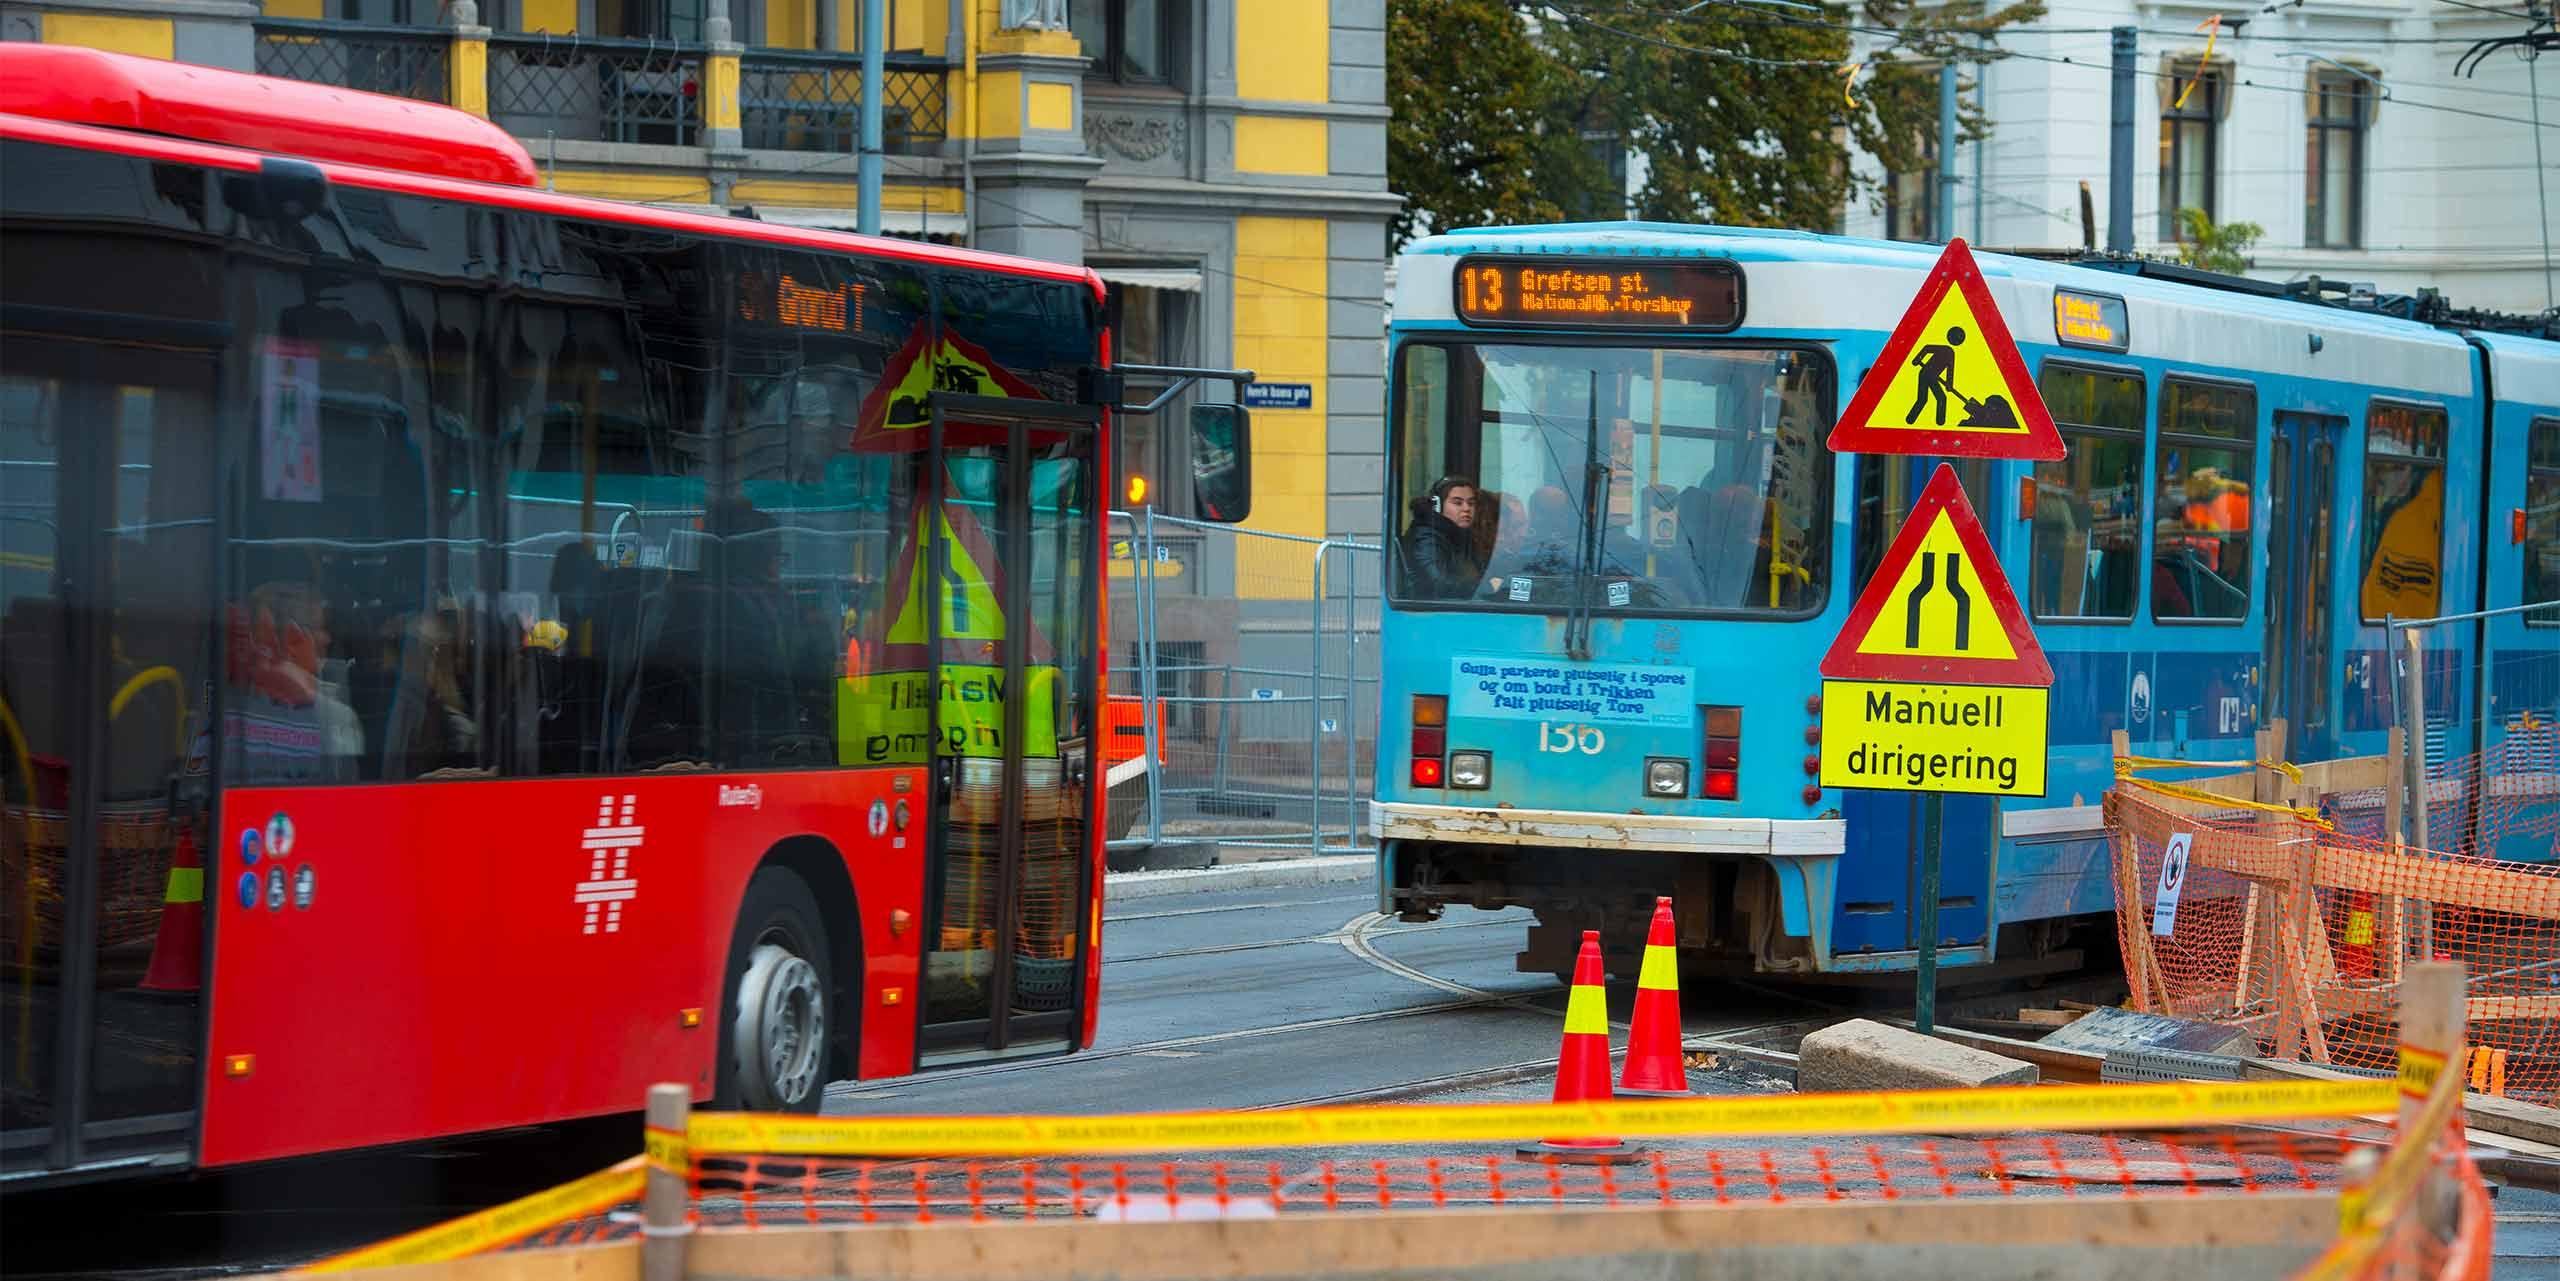 Bilde av vegarbeid, samt trikk og buss